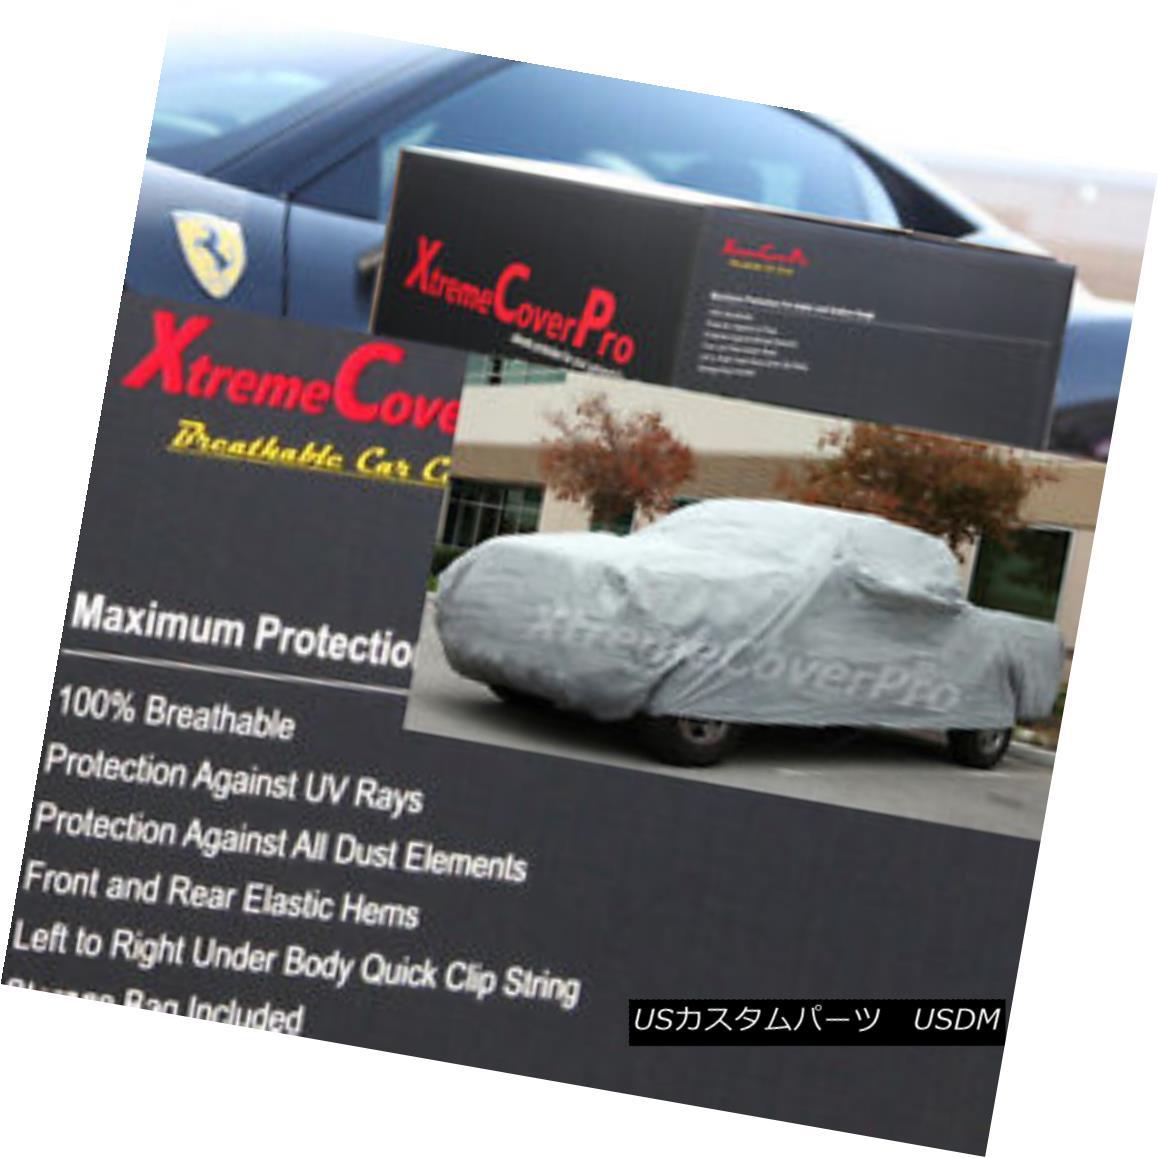 カーカバー 2013 GMC Sierra 1500 Ext Cab 6.5ft Standard Box Breathable Car Cover 2013 GMC Sierra 1500 Ext Cab 6.5ftスタンダードボックス通気性車カバー